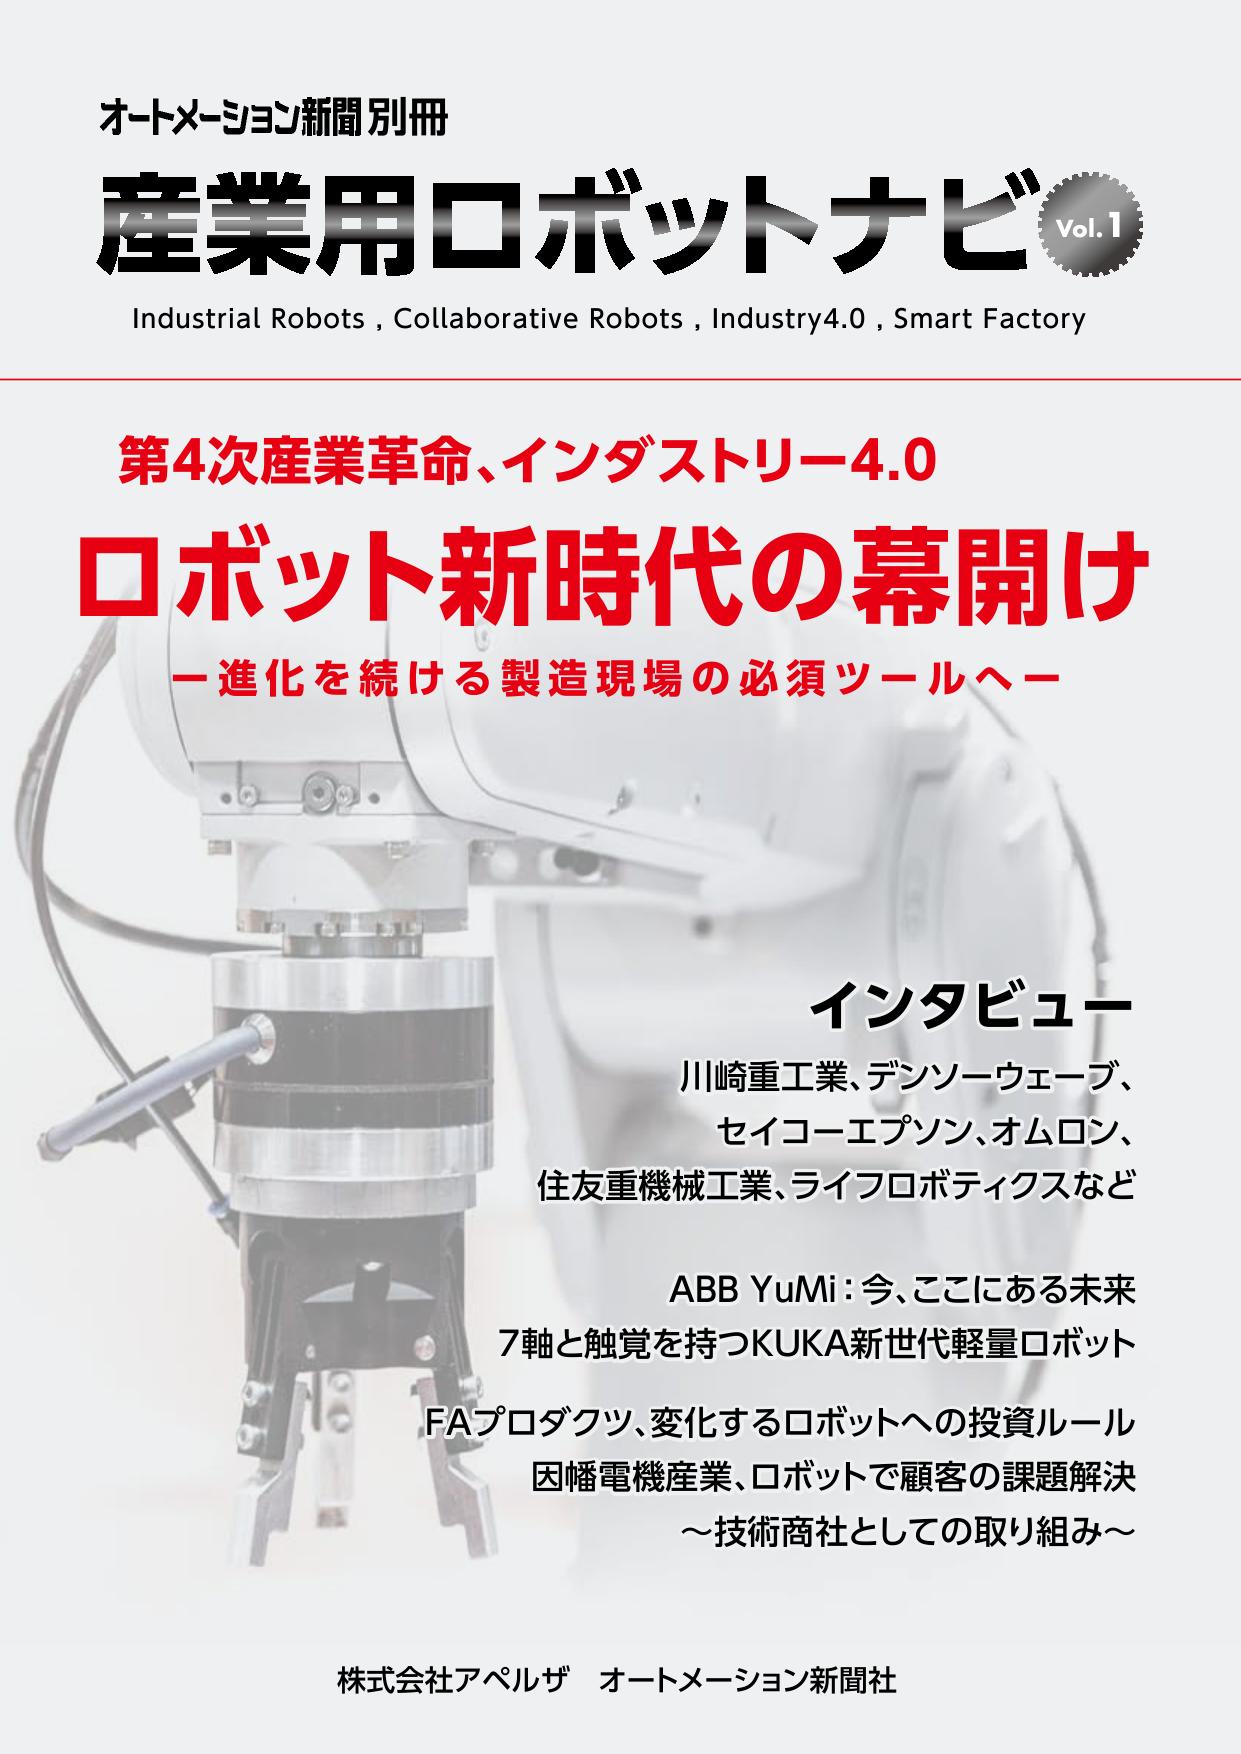 産業用ロボットナビ Vol.1 ダイジェスト版